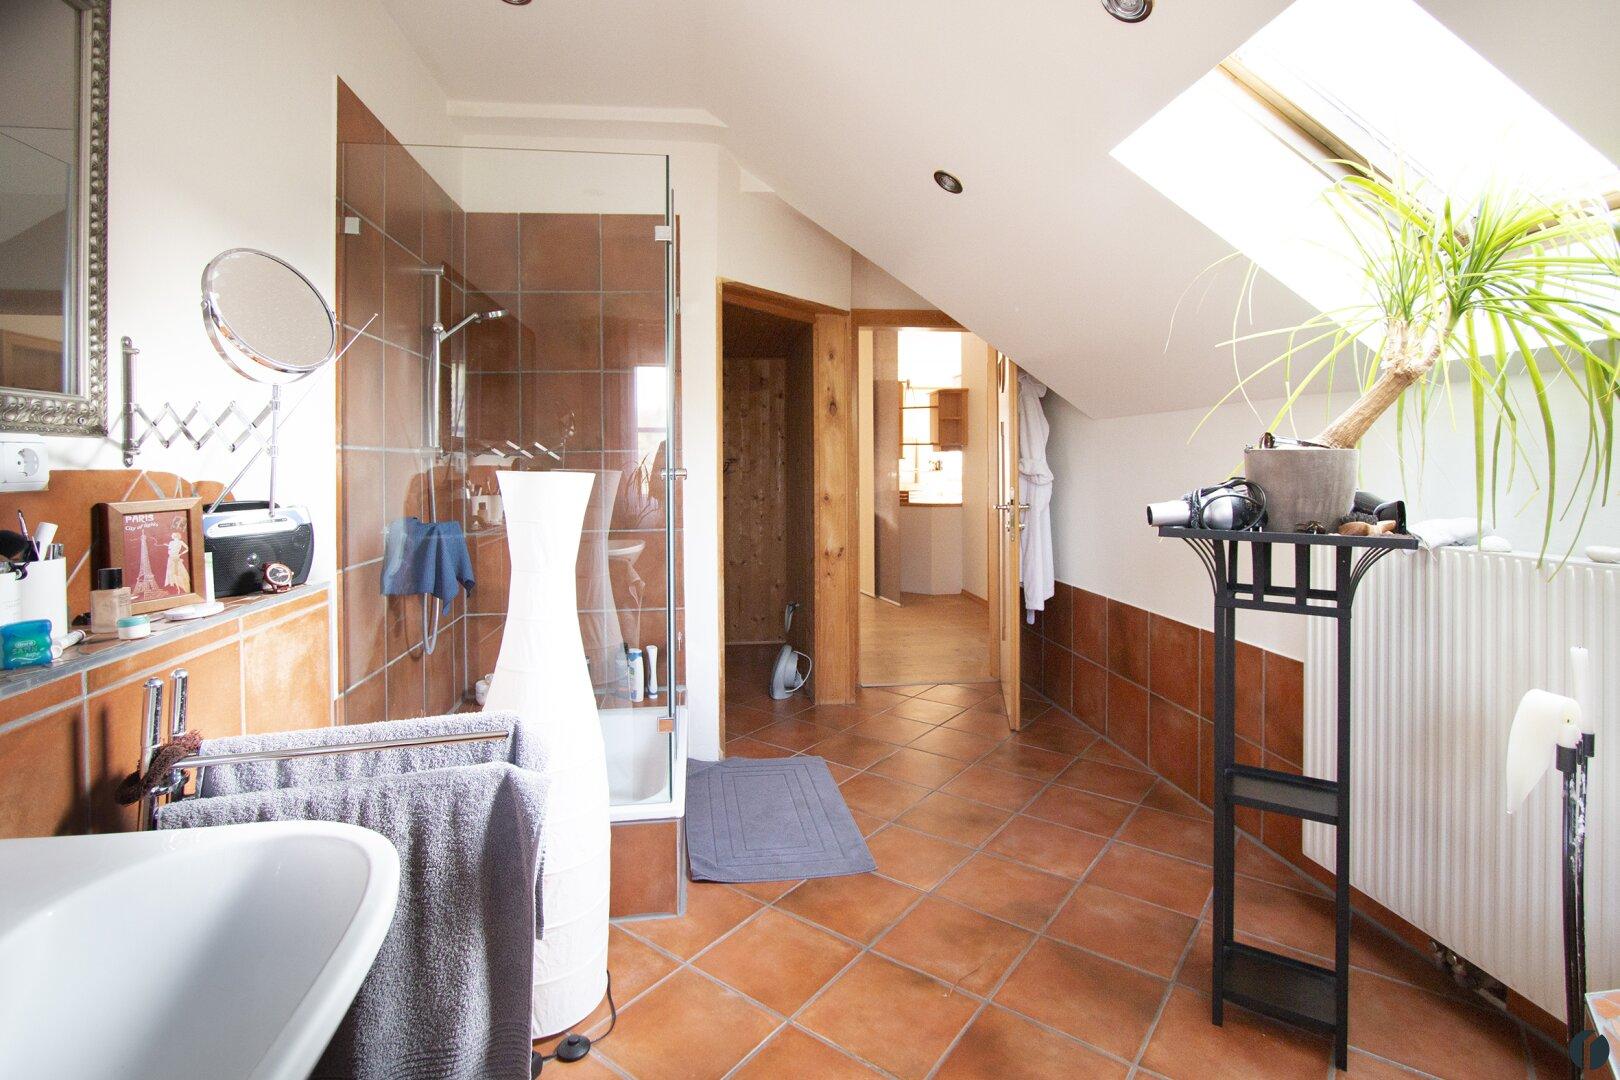 großes Badezimmer im Erdgeschoss